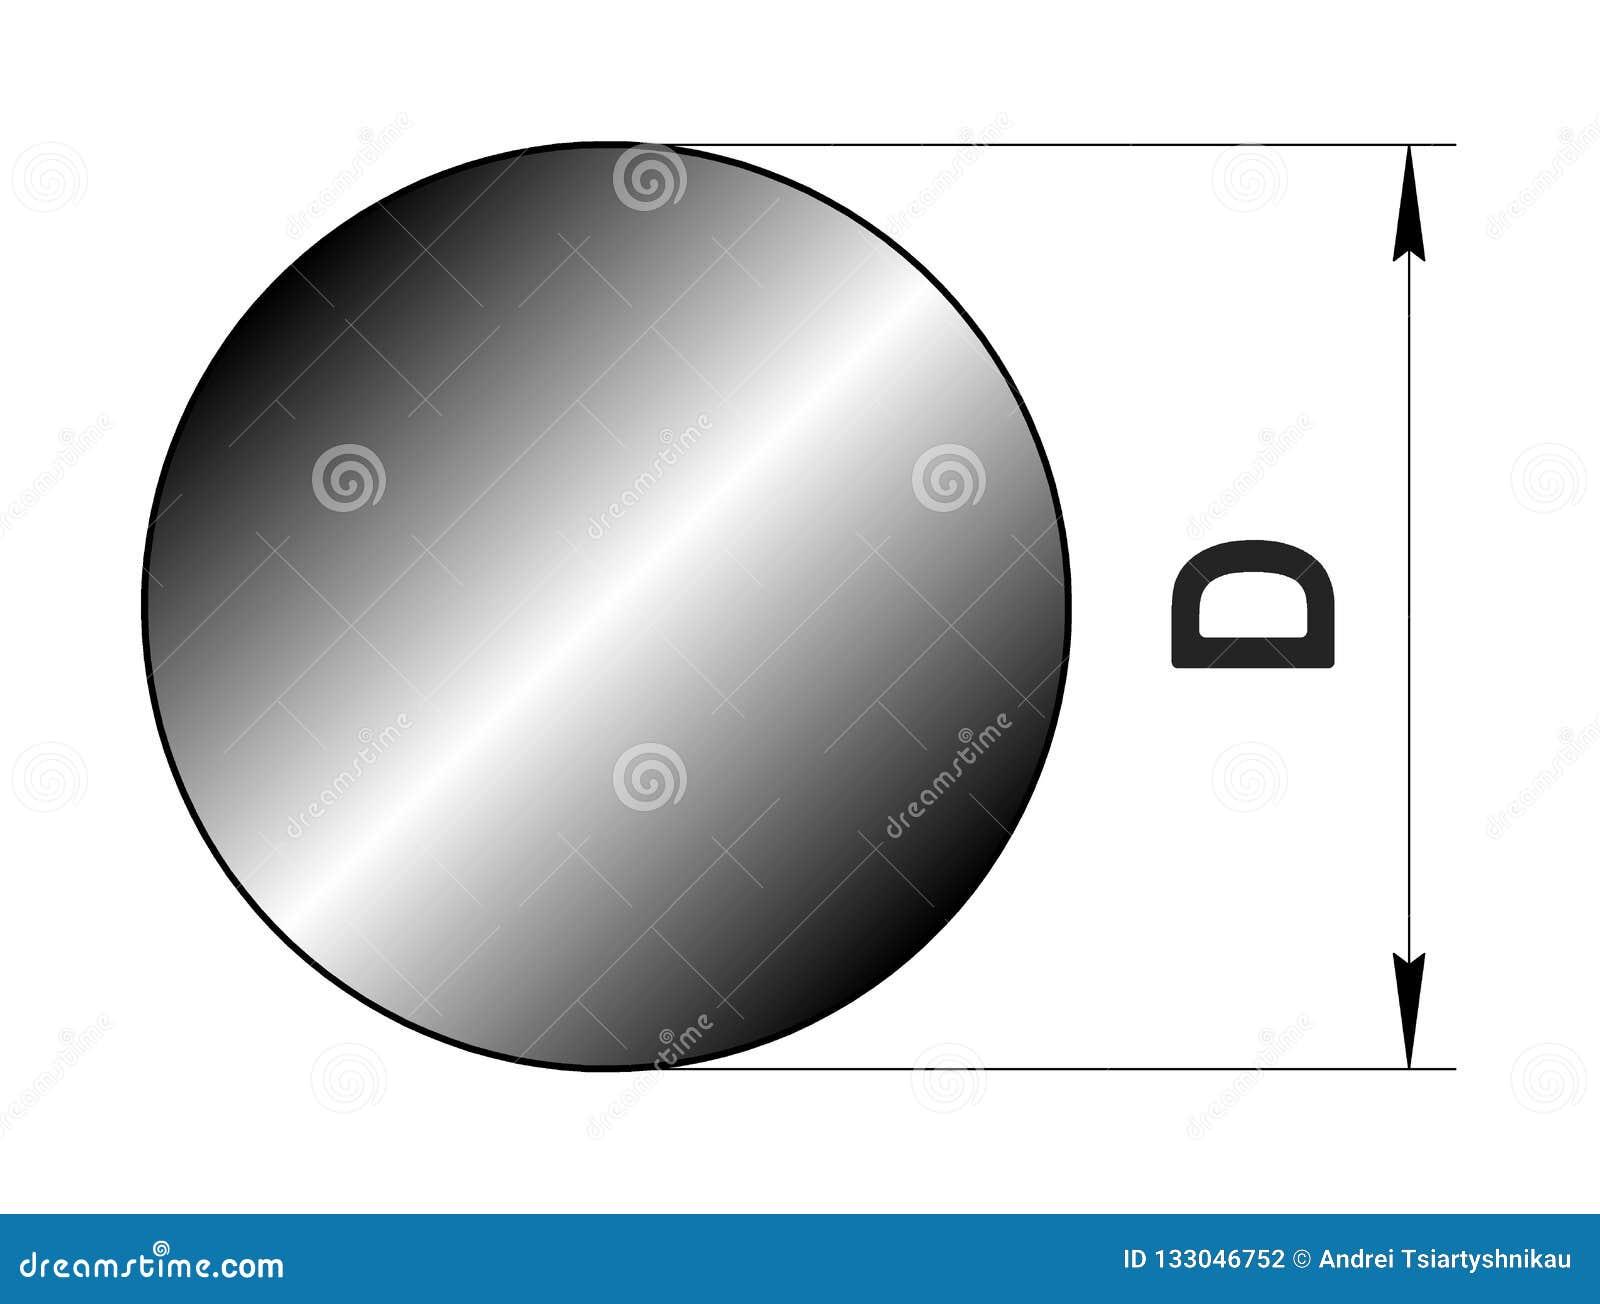 Τεχνικό κυλημένο σχέδιο μέταλλο Σχεδιάγραμμα κύκλων χάλυβα Εικόνα για τον ιστοχώρο απεικόνιση